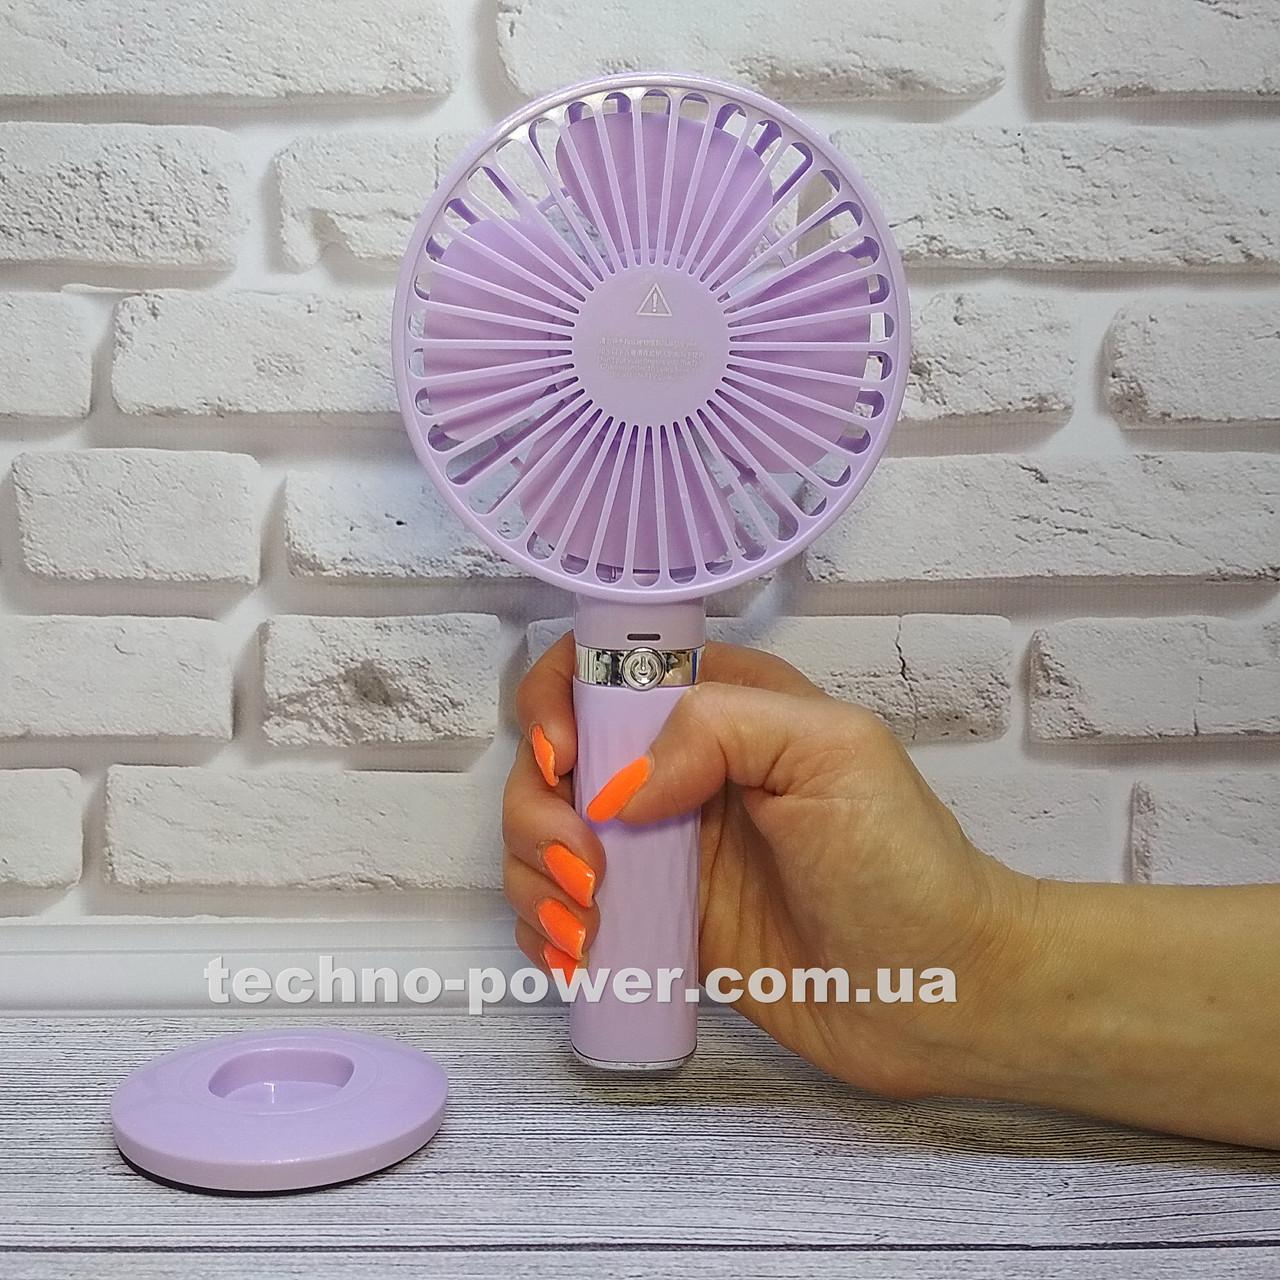 Портативный мини-вентилятор Handy Fan S8 Violet. Ручной вентилятор с аккумулятором S8 Фиолетовый